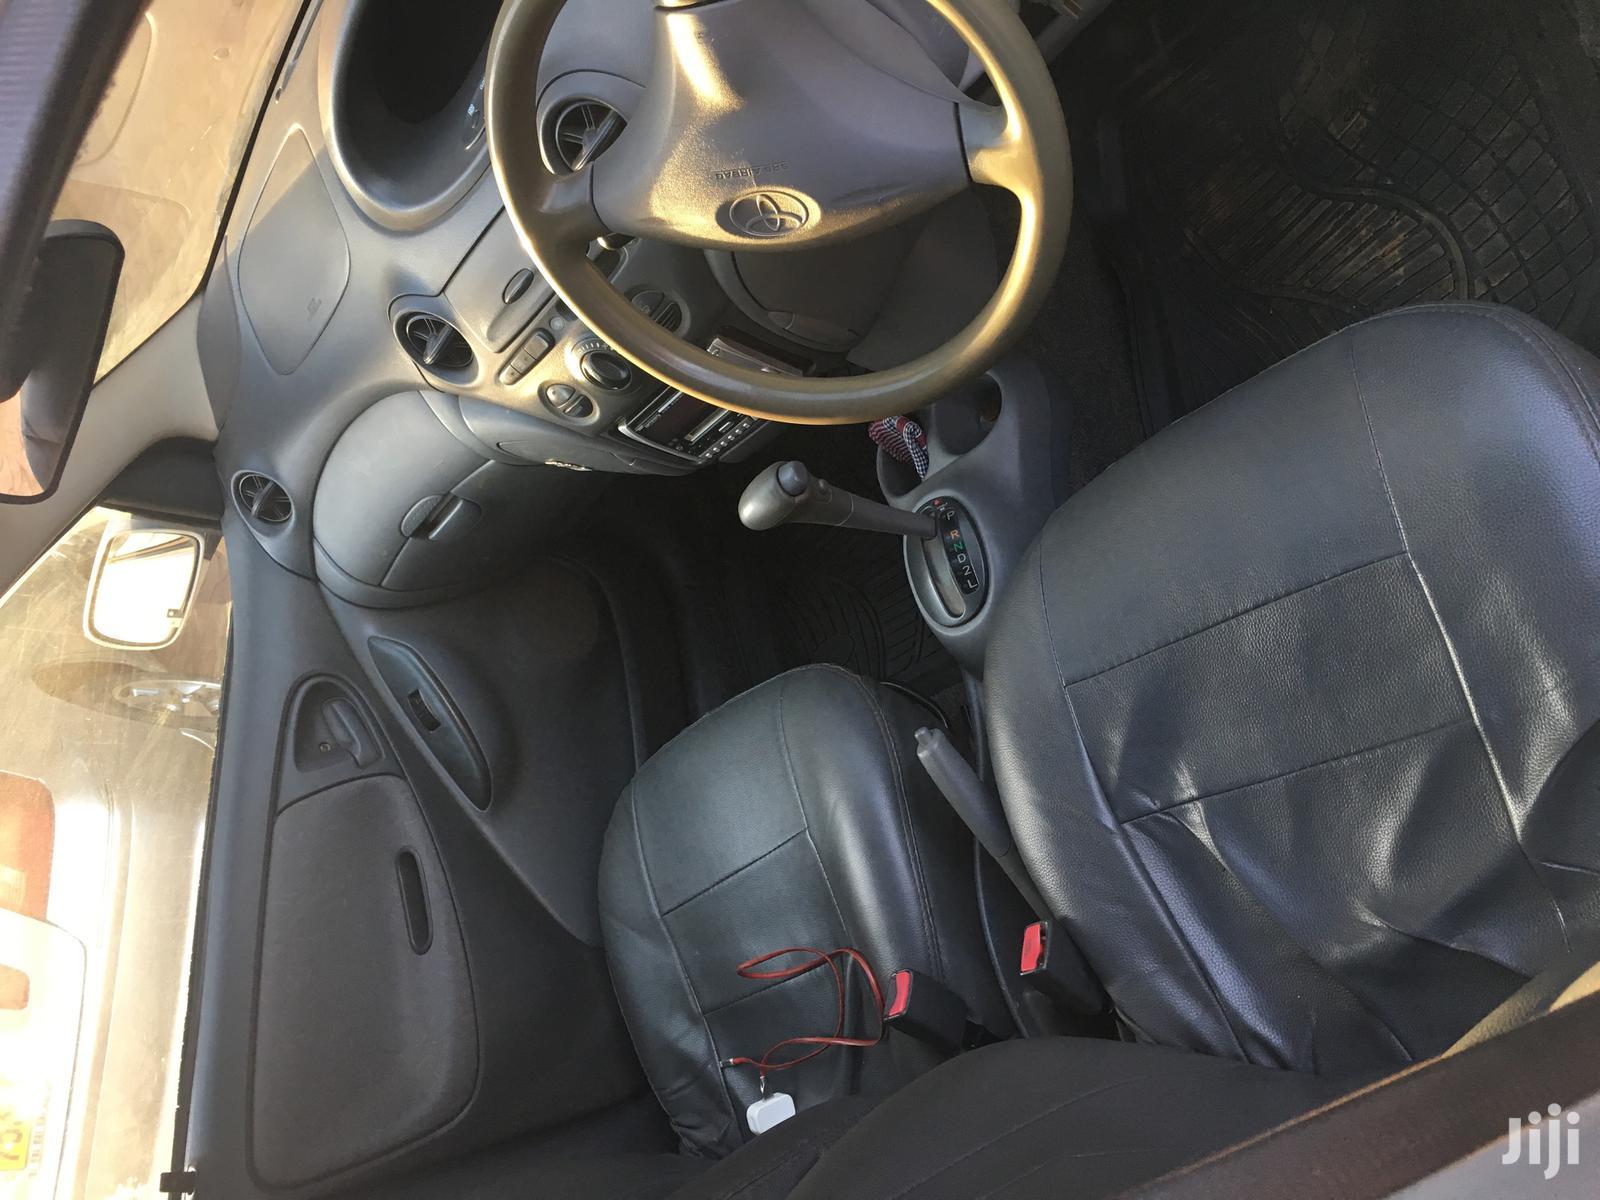 Toyota Vitz 2004 Gray | Cars for sale in Kampala, Central Region, Uganda